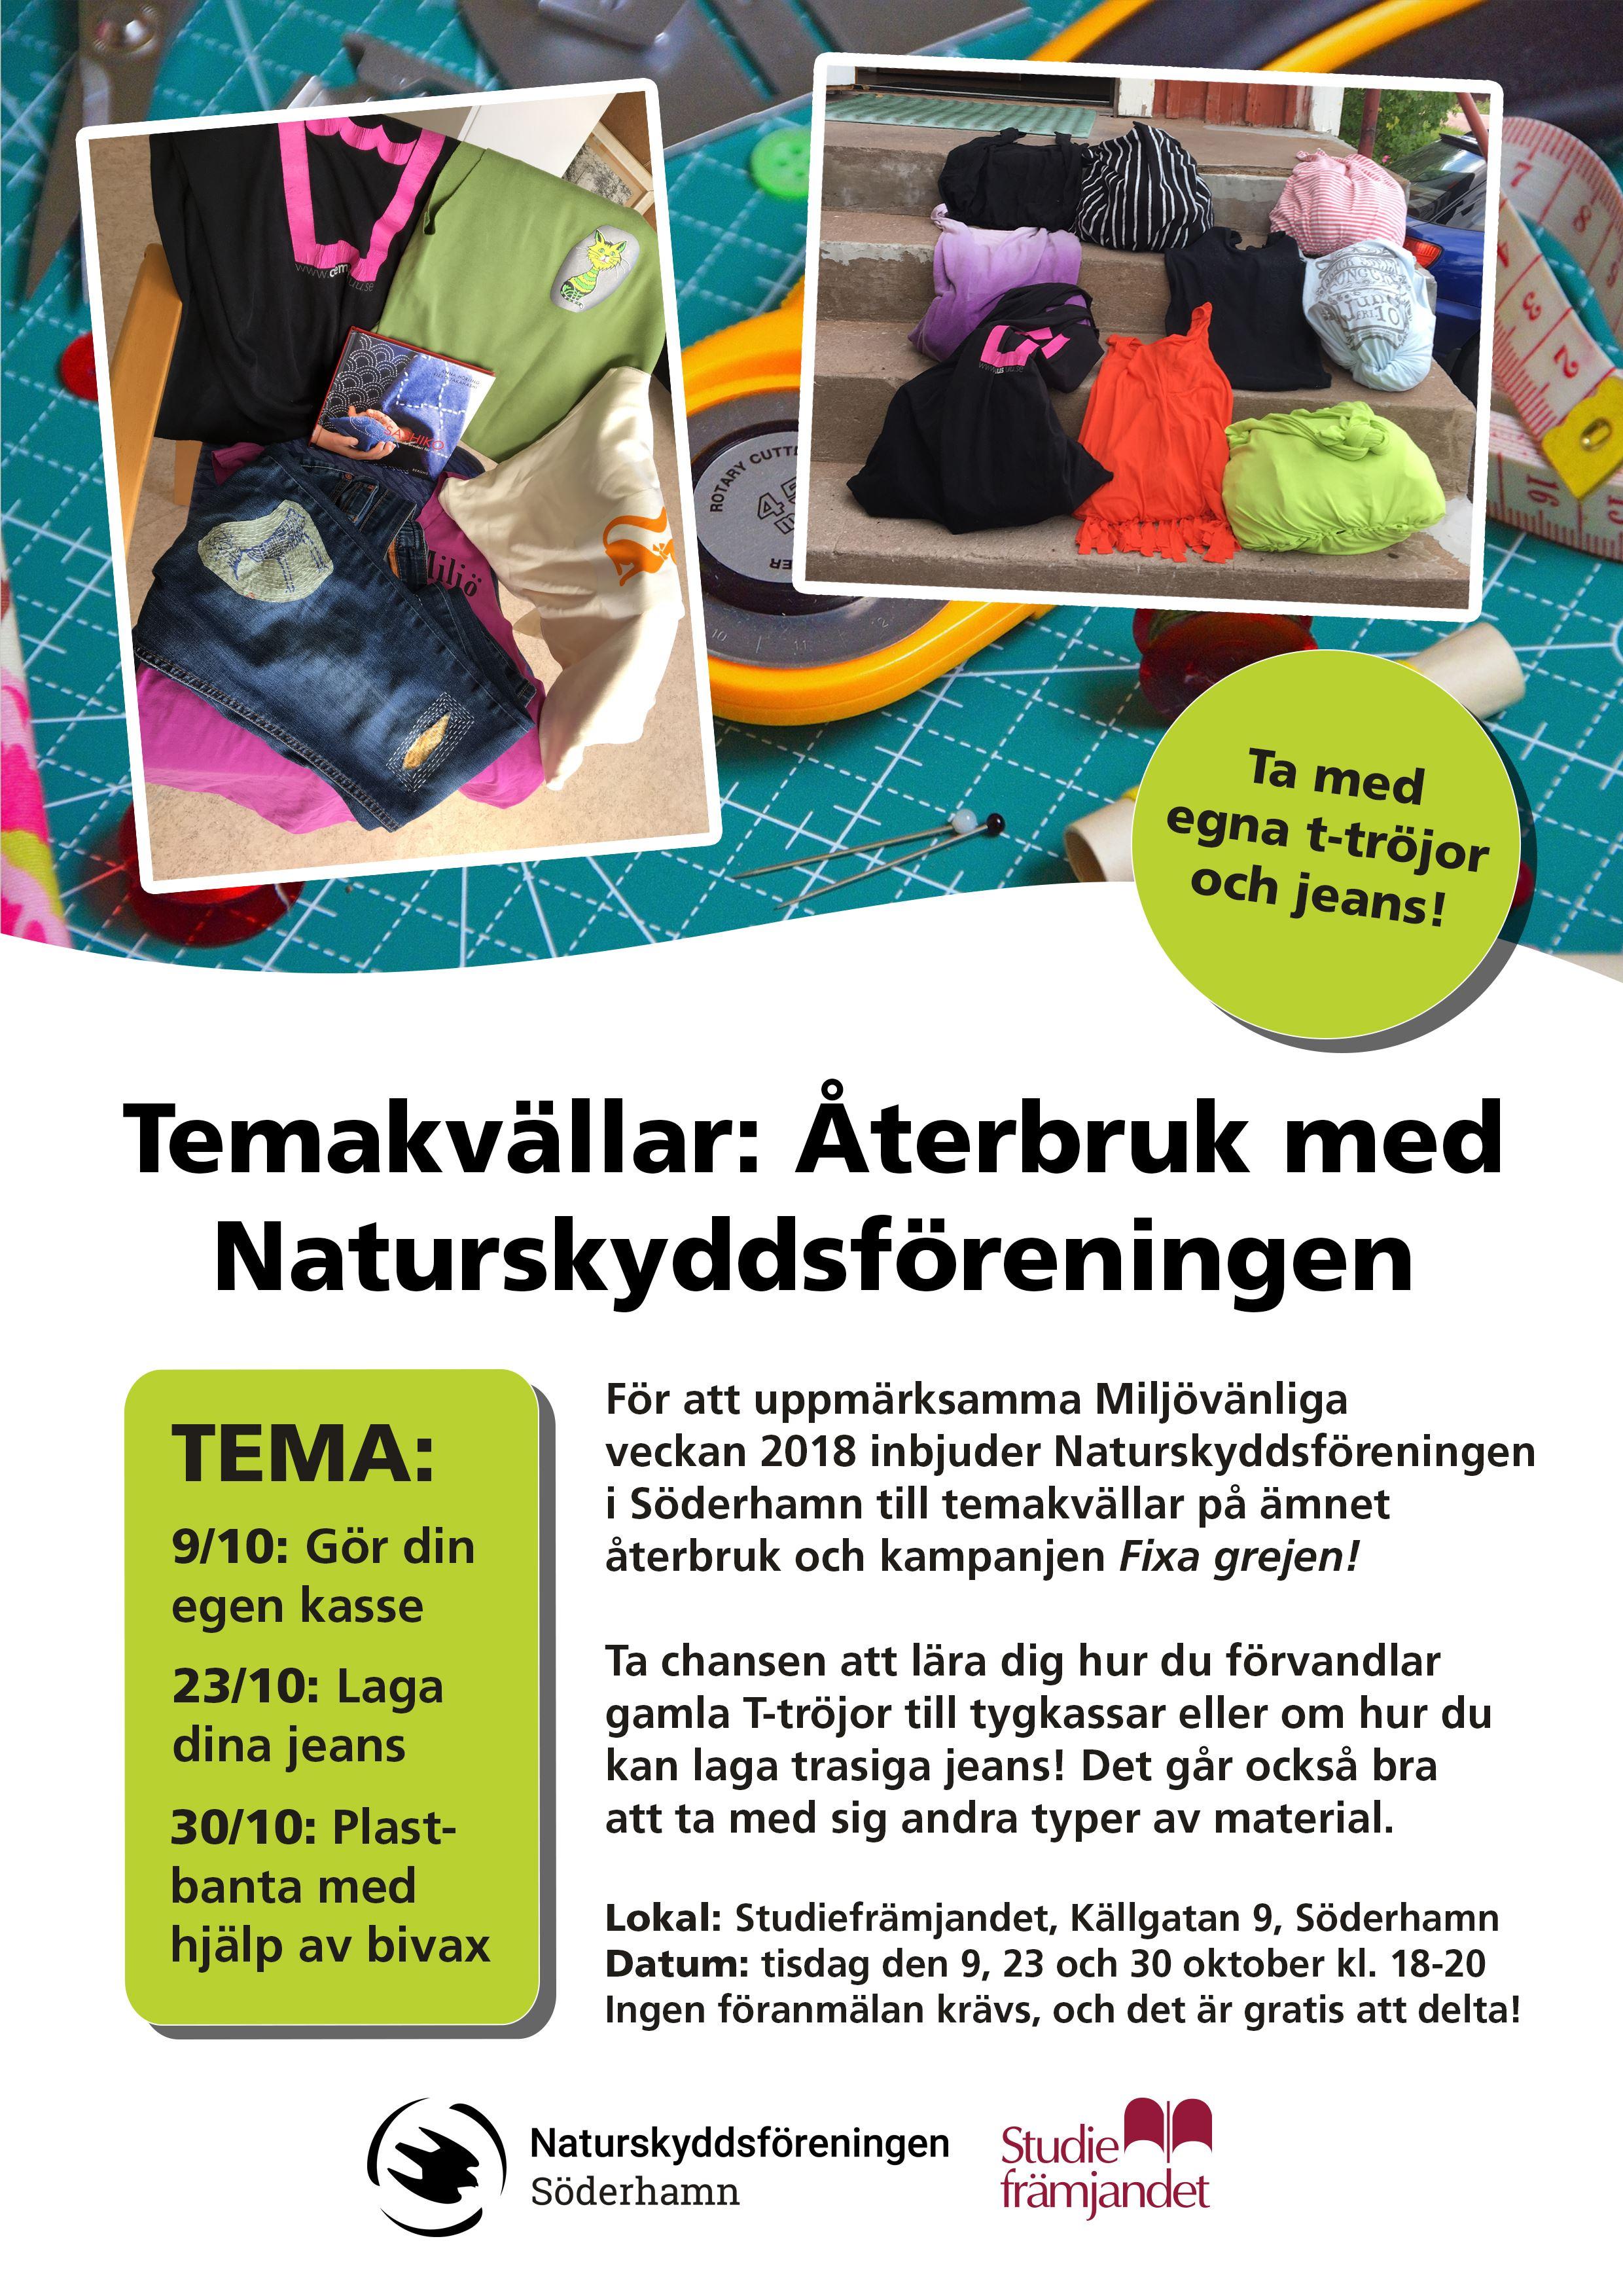 Temakvällar: Återbruk med Naturskyddsföreningen - Laga dina jeans!